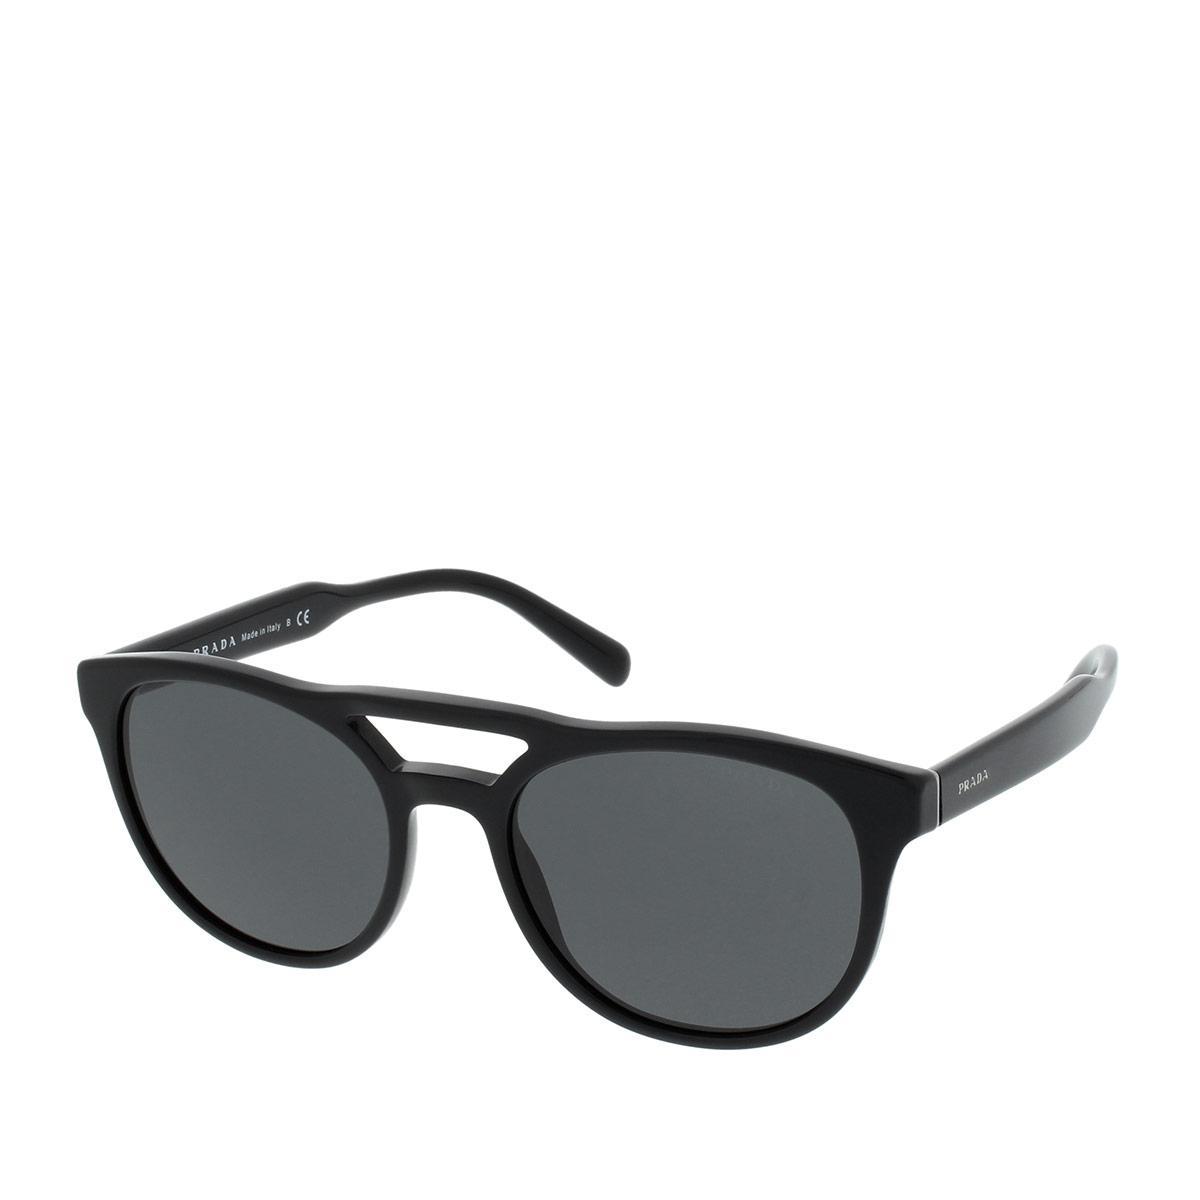 Sunglasses - PR 0PR 54TS 55 1AB5S0 - black - Sunglasses for ladies Prada XdD1Ubx